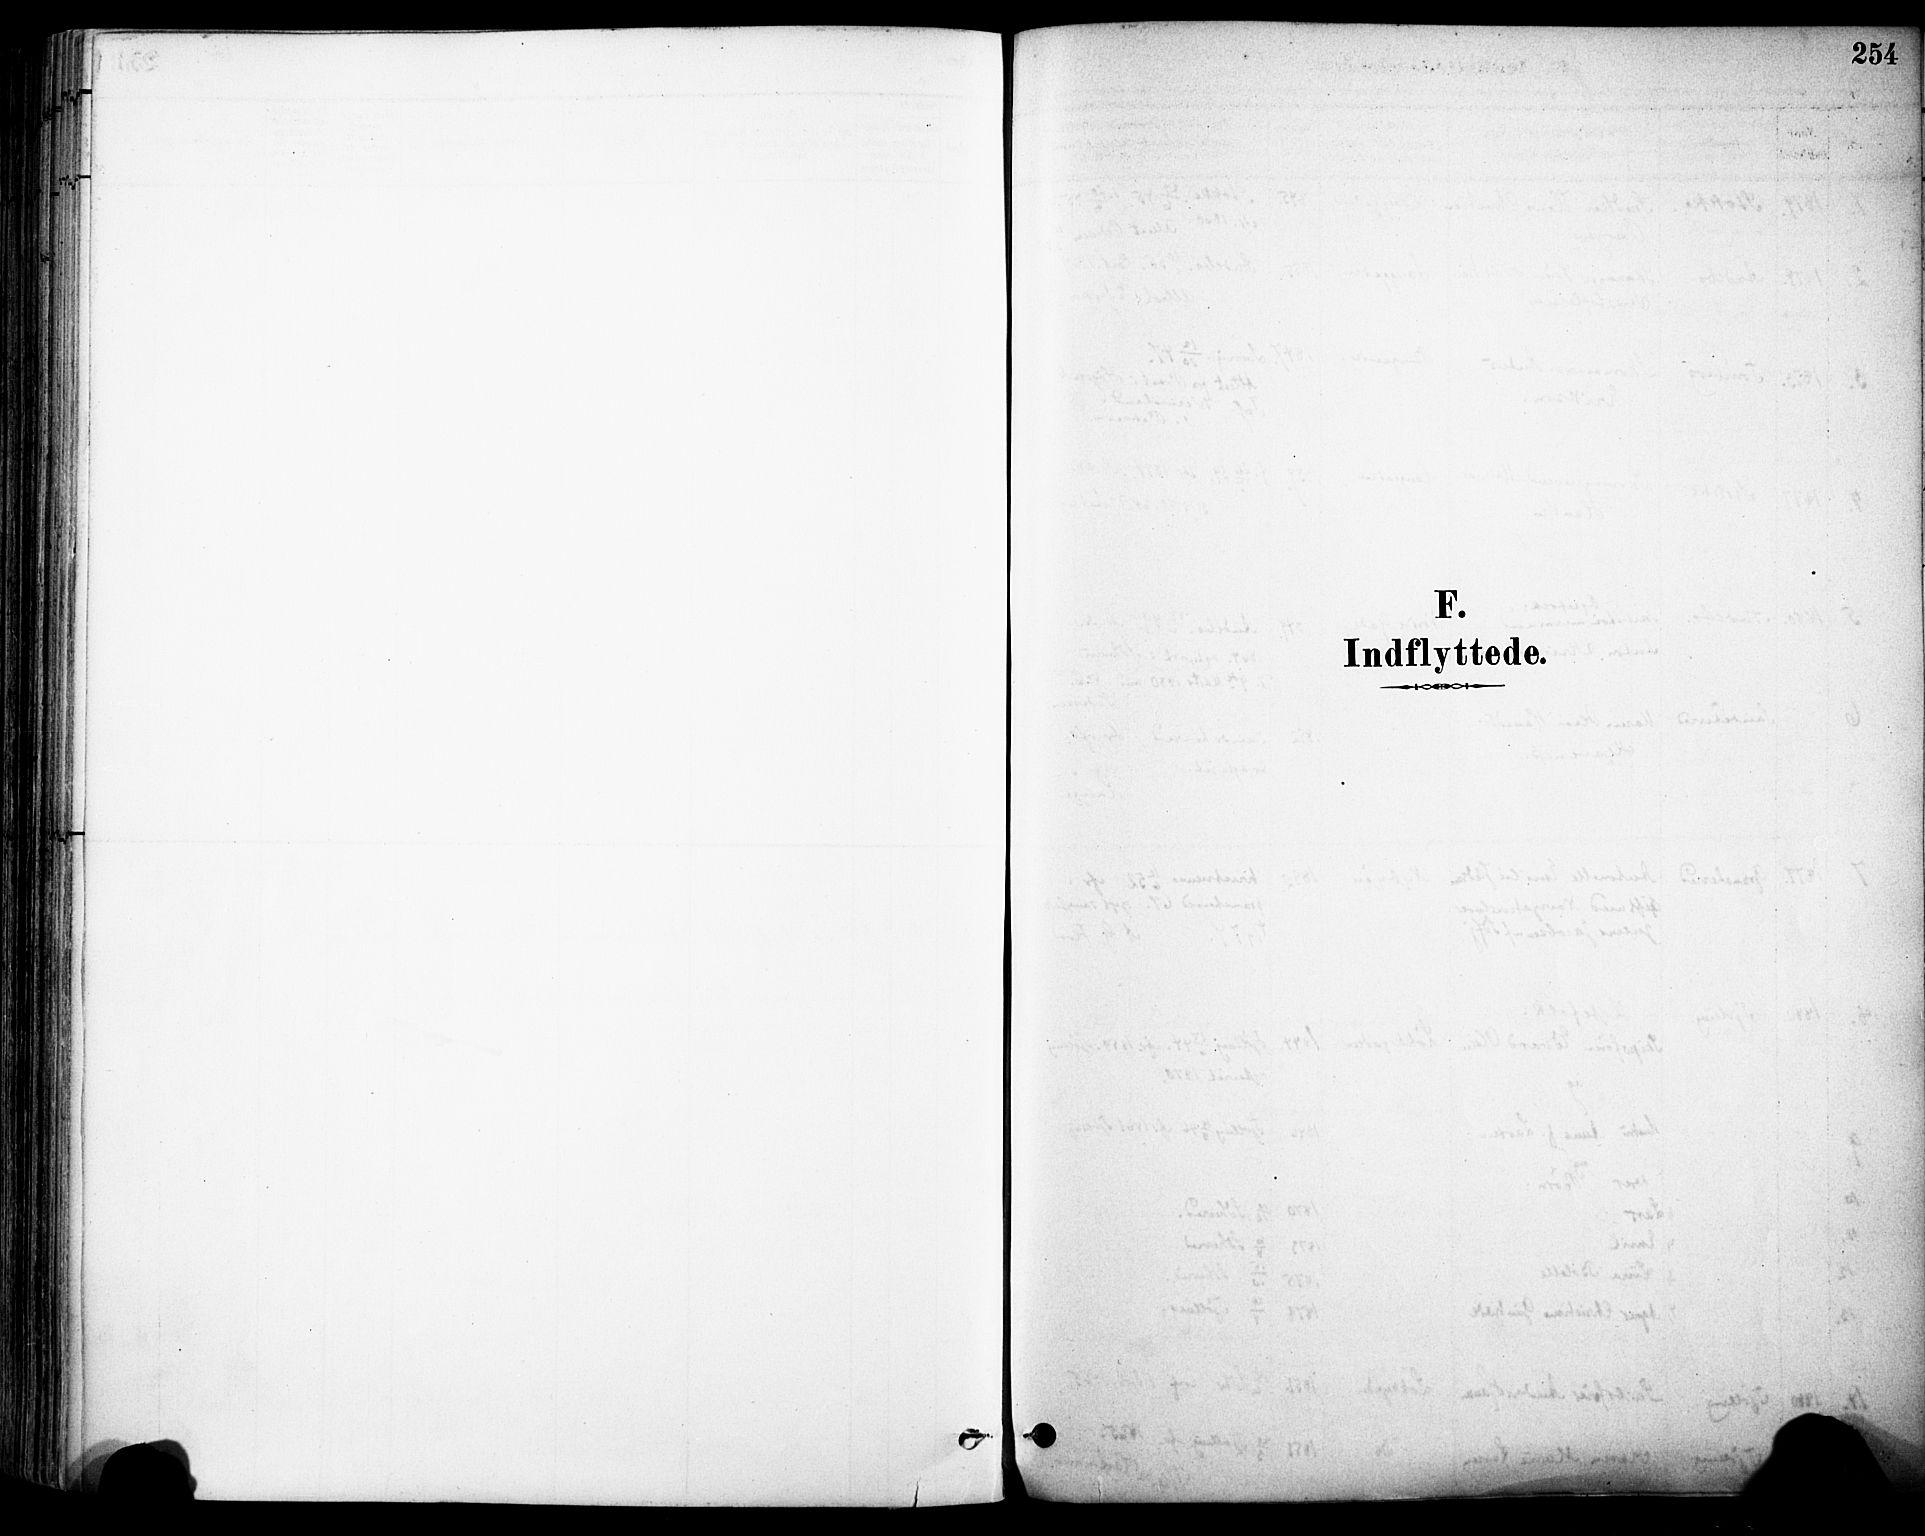 SAKO, Sandefjord kirkebøker, F/Fa/L0002: Ministerialbok nr. 2, 1880-1894, s. 254